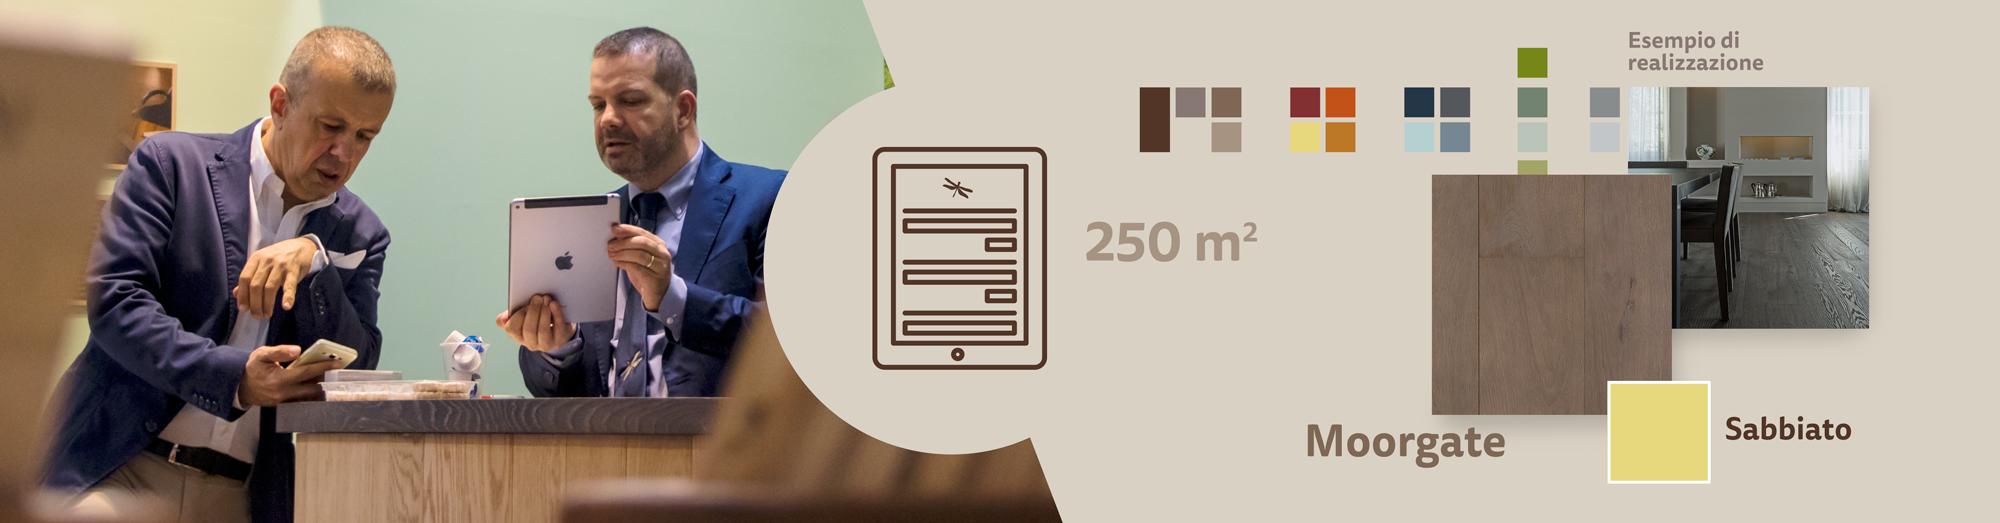 Strumenti di lavoro per rivenditori di rivestimenti in legno: il caso di Mardegan Legno